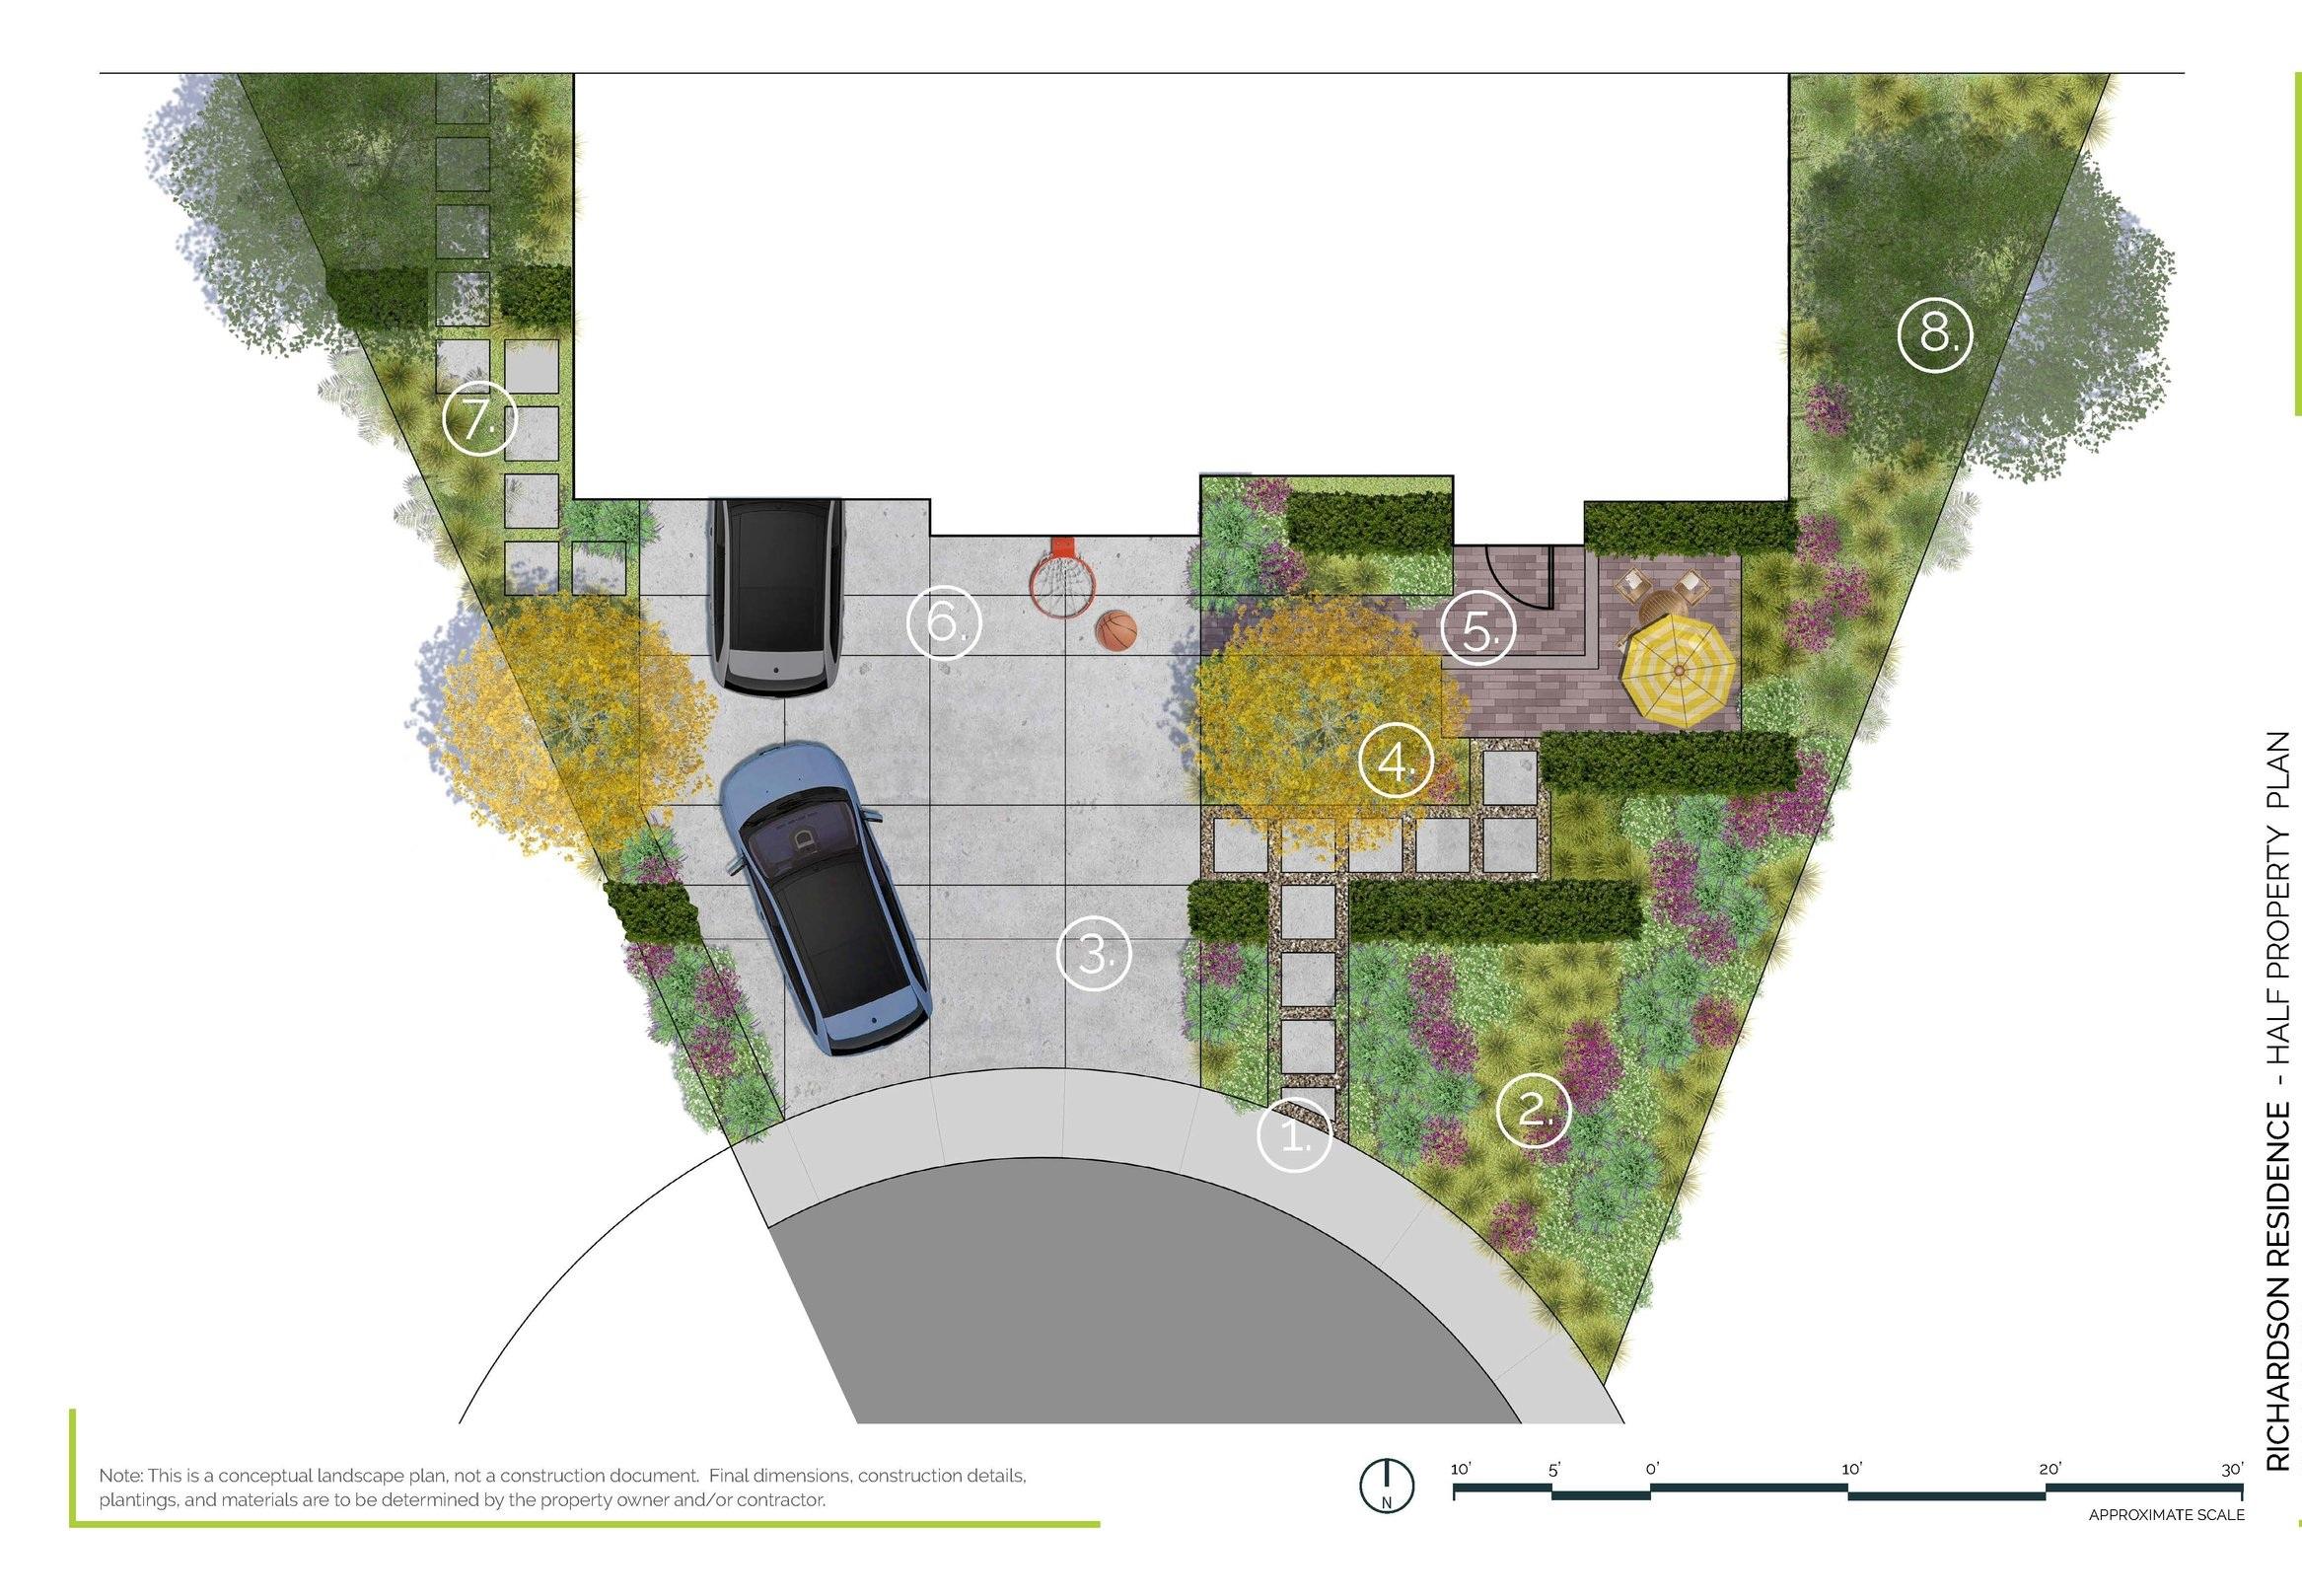 Texas Entry Garden - Half Property PlanDallas, TX